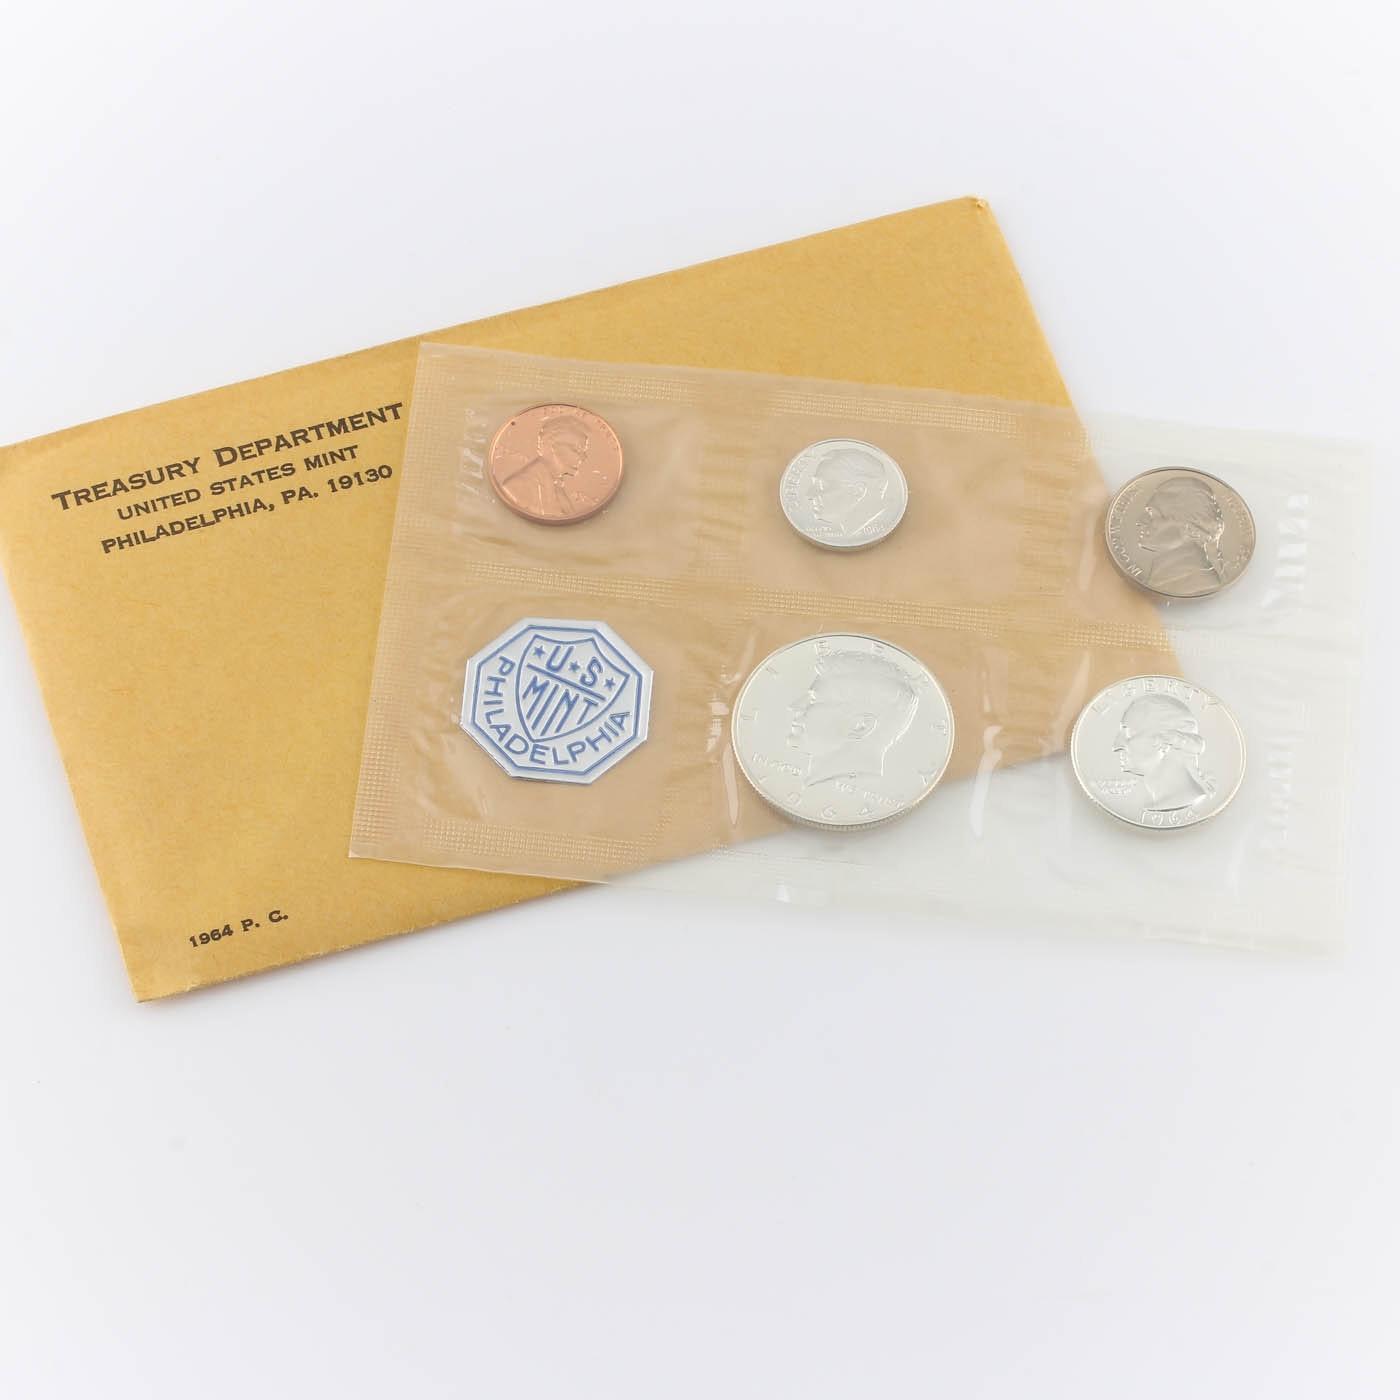 1964 U.S. Philadelphia Mint Proof Set